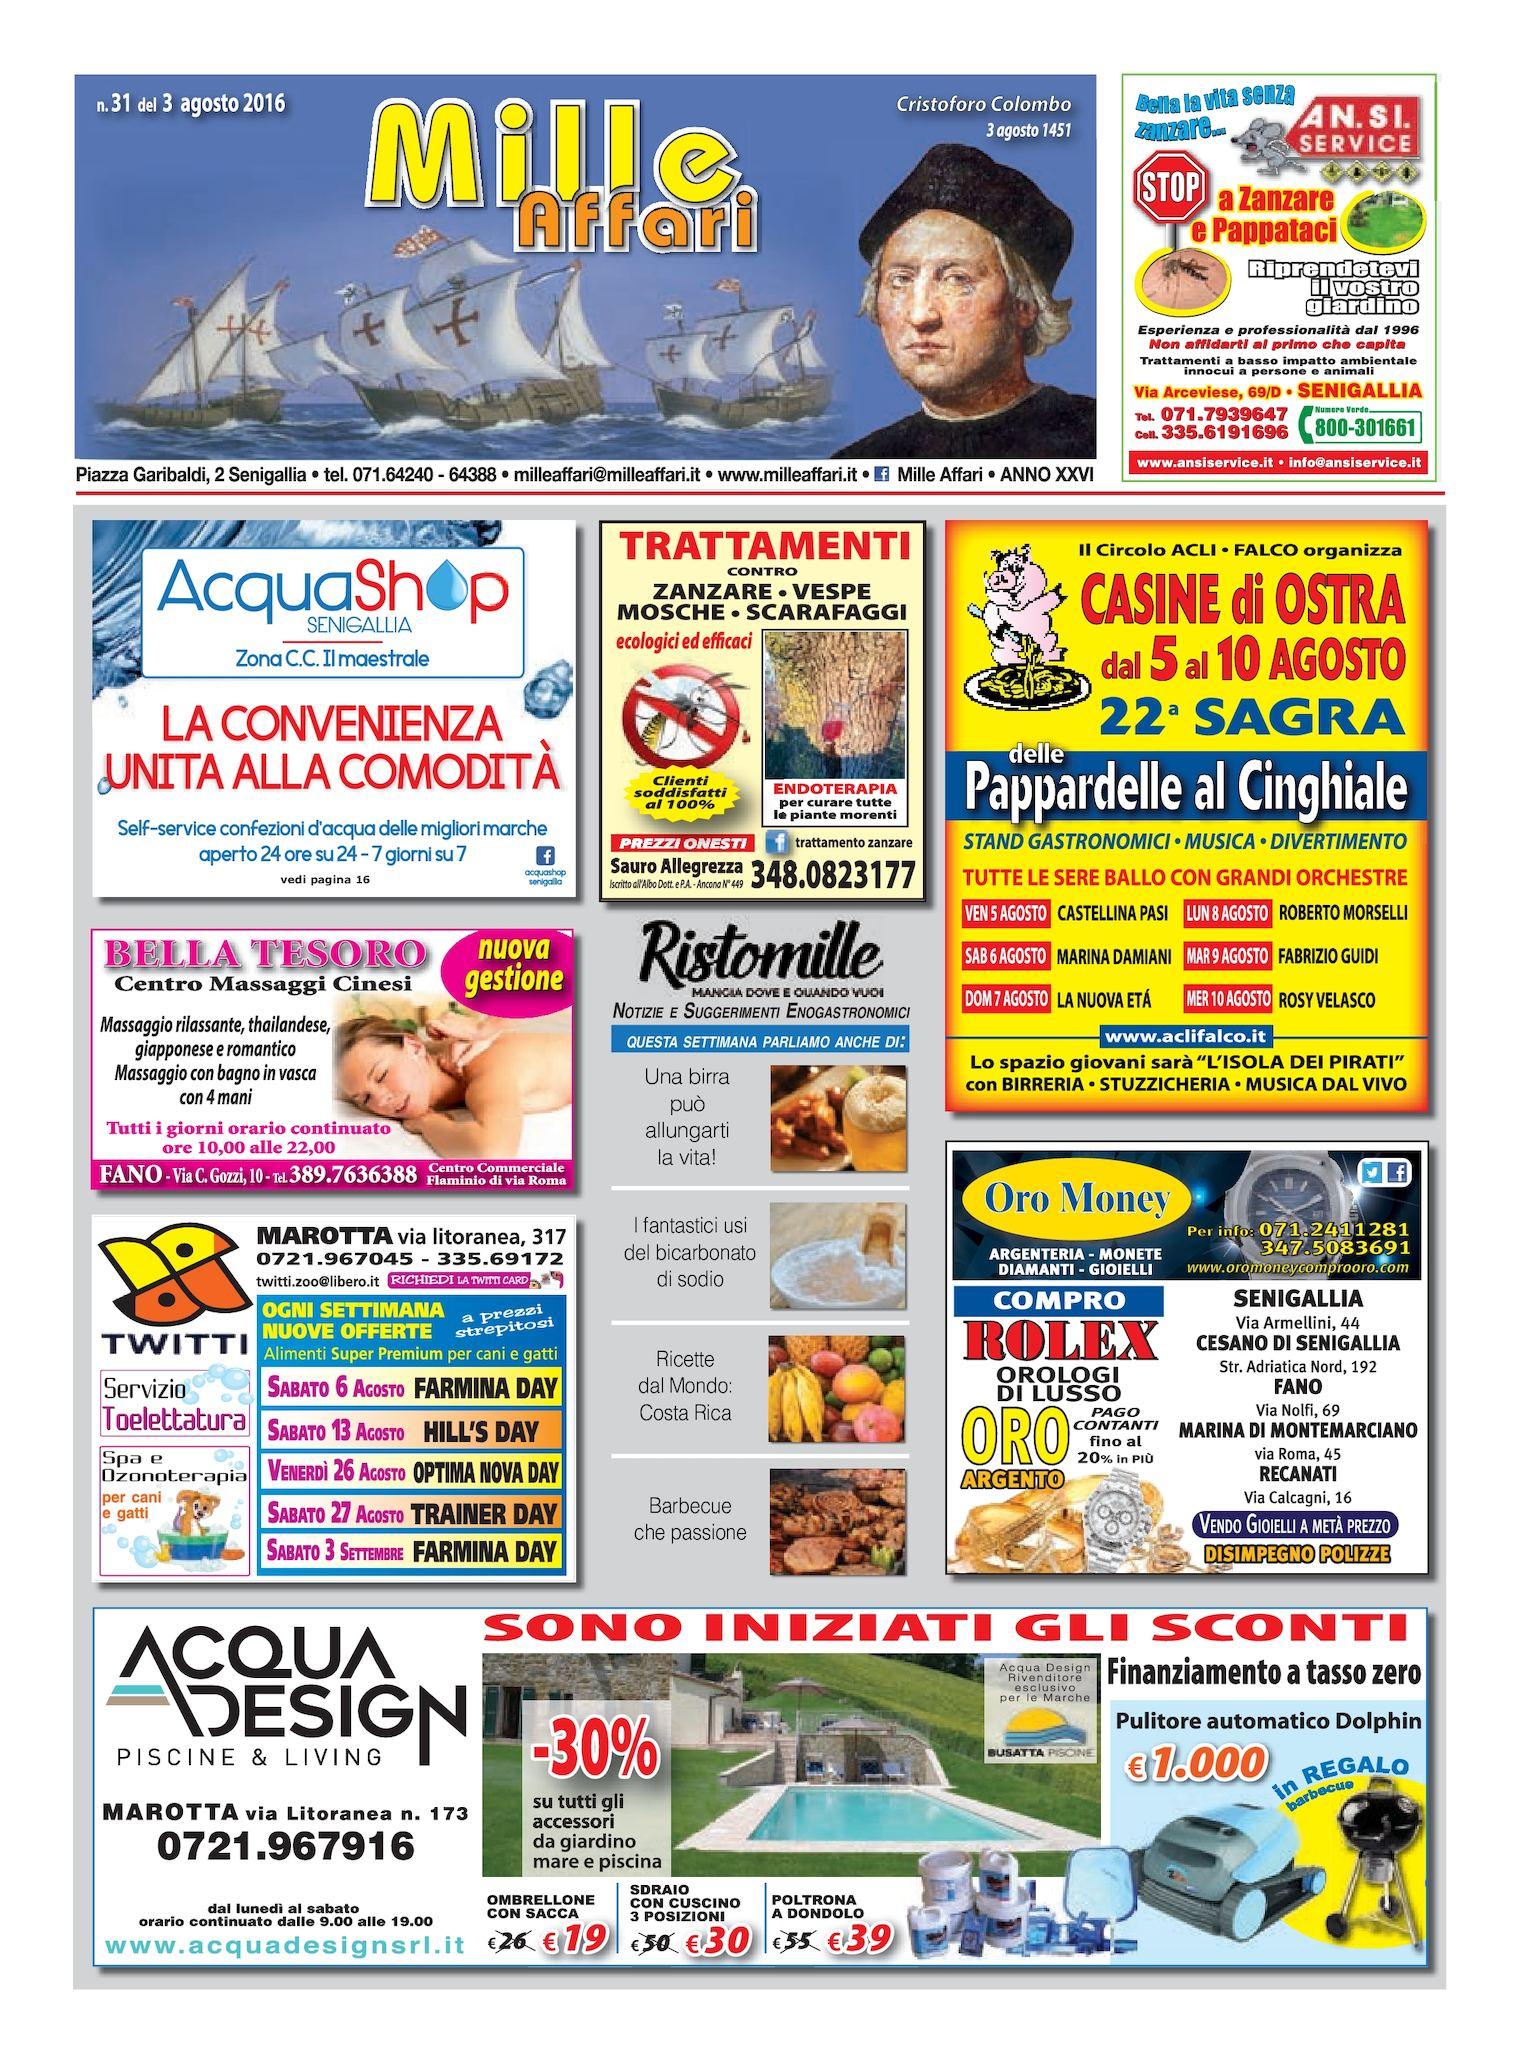 Calaméo - MILLEAFFARI N°31 DEL 03.08.16 1b995848011e